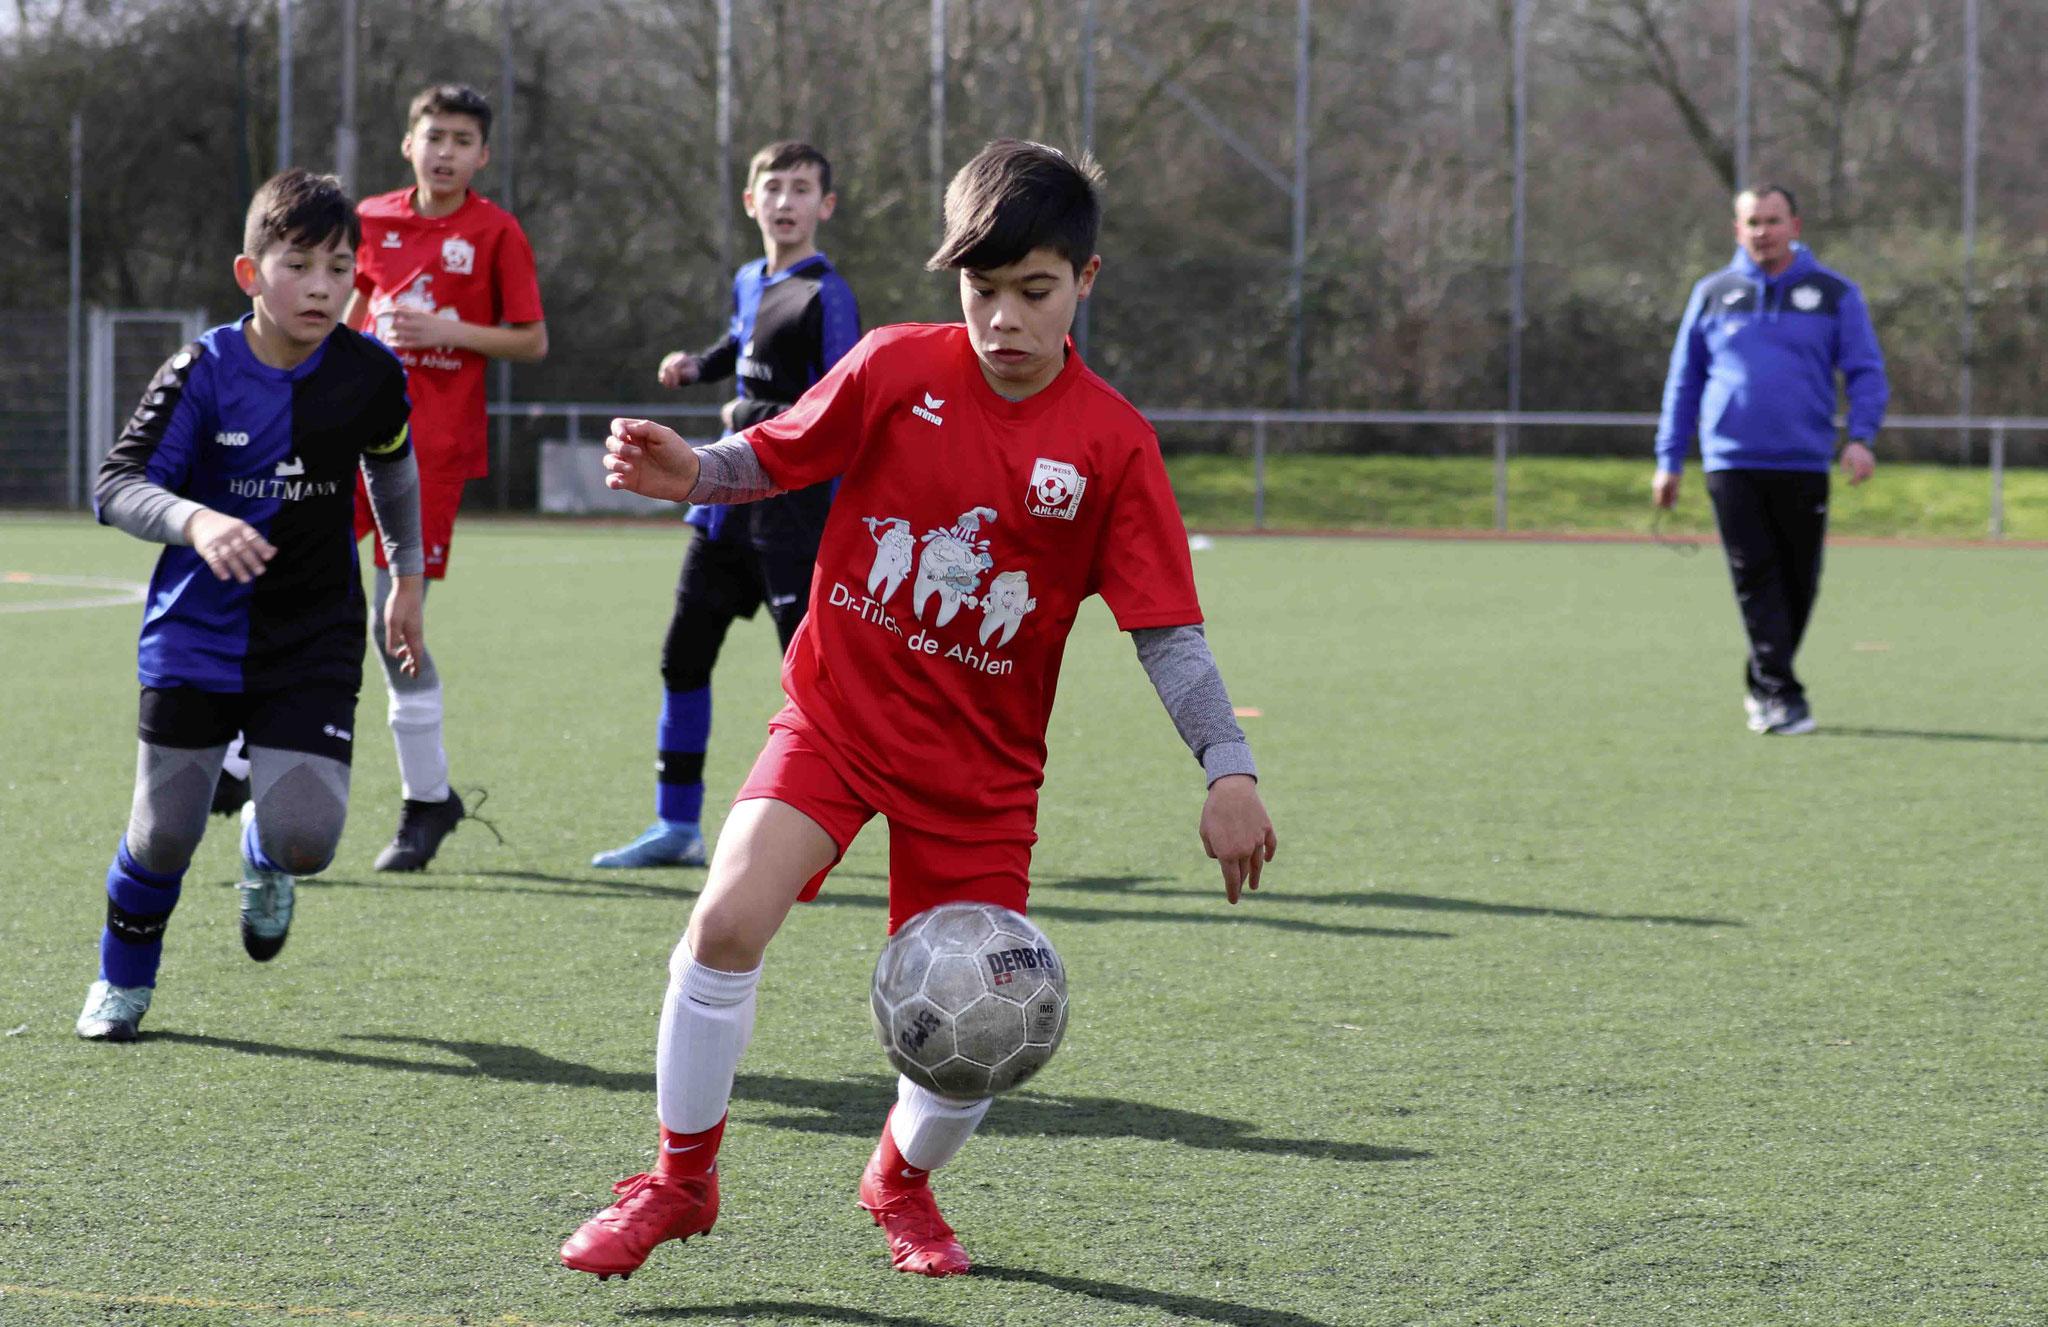 Rot Weiss Ahlen U12 D2 gegen SpVg Beckum II